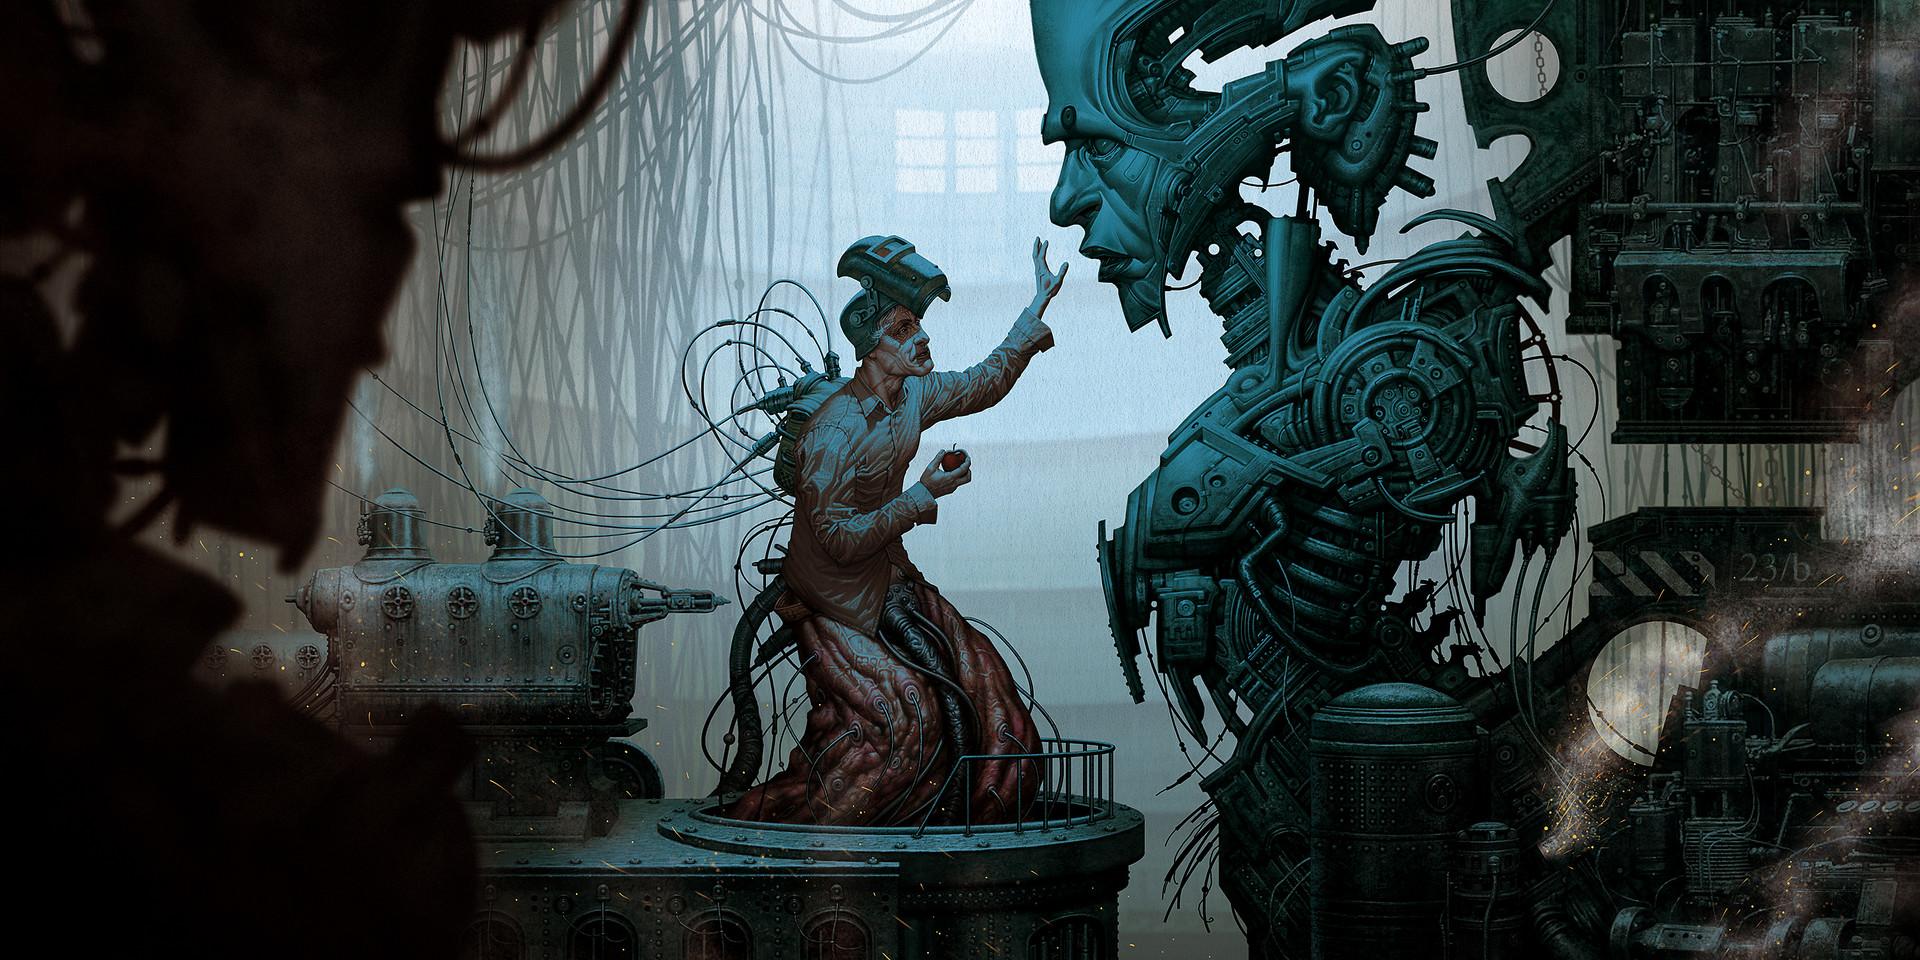 The Dark Fantasy Art of Francesco Ausonia Ciampi